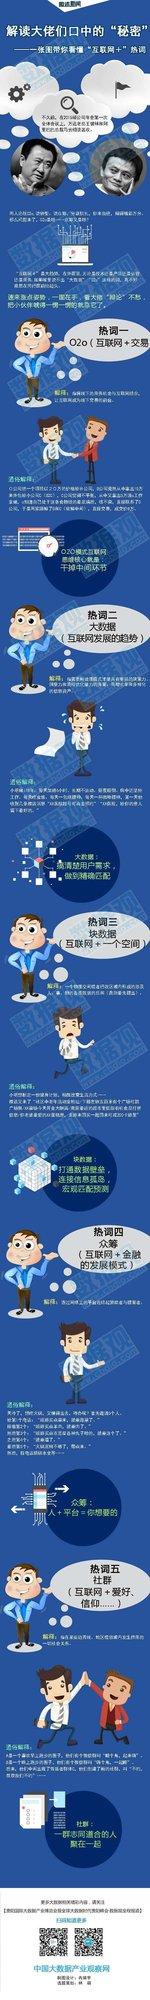 传言:Sho杏彩代理pEx跑或正收购ECShop